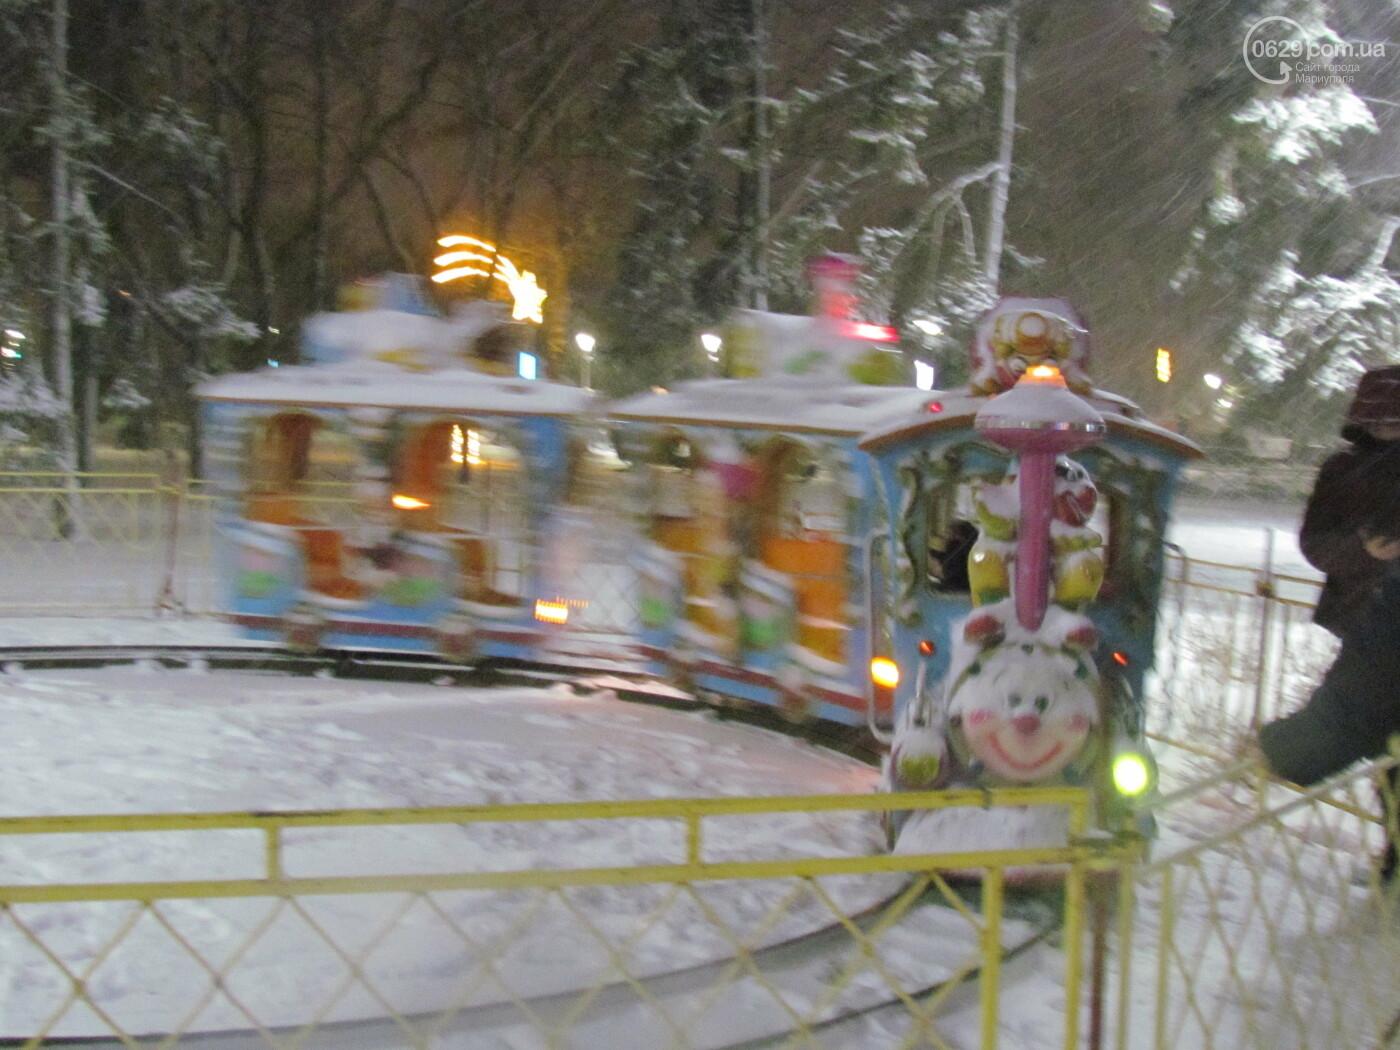 """Яркий футуризм. Как празднуют Новый год в """"Веселке"""", - ФОТОРЕПОРТАЖ, фото-5"""